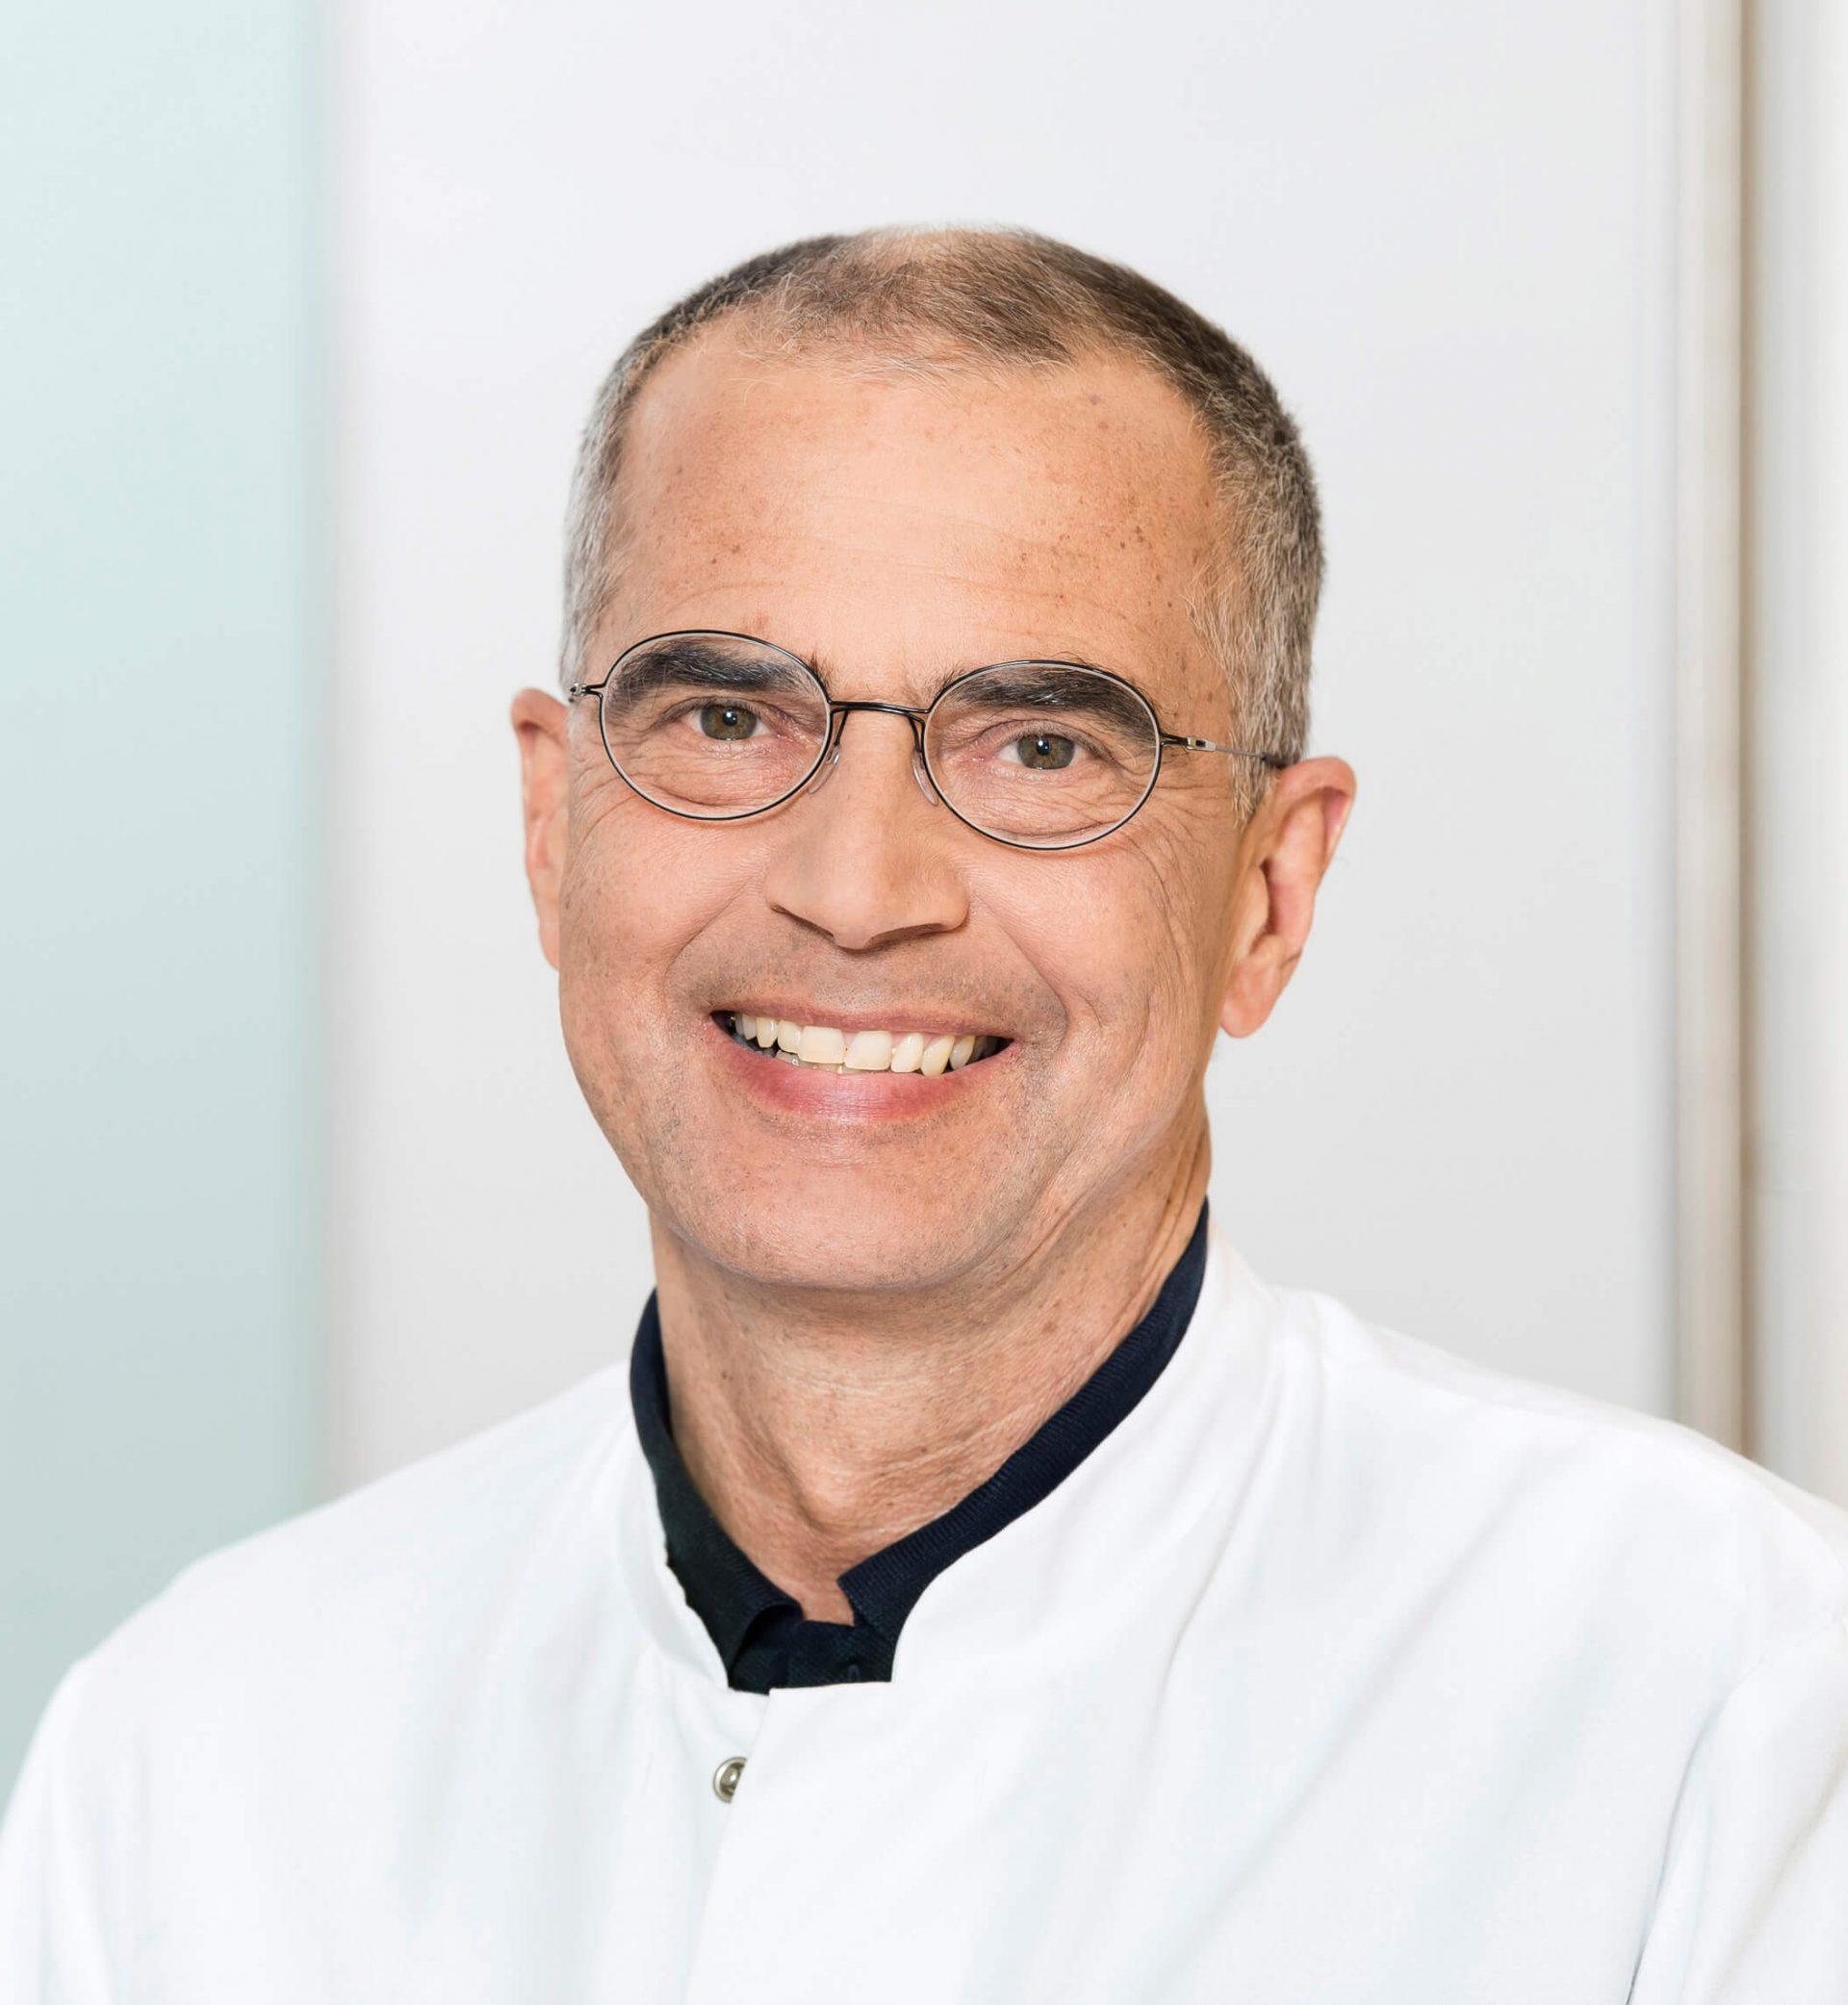 Dr. Uwe Niklas spricht im Interview über Prostatavergrößerung